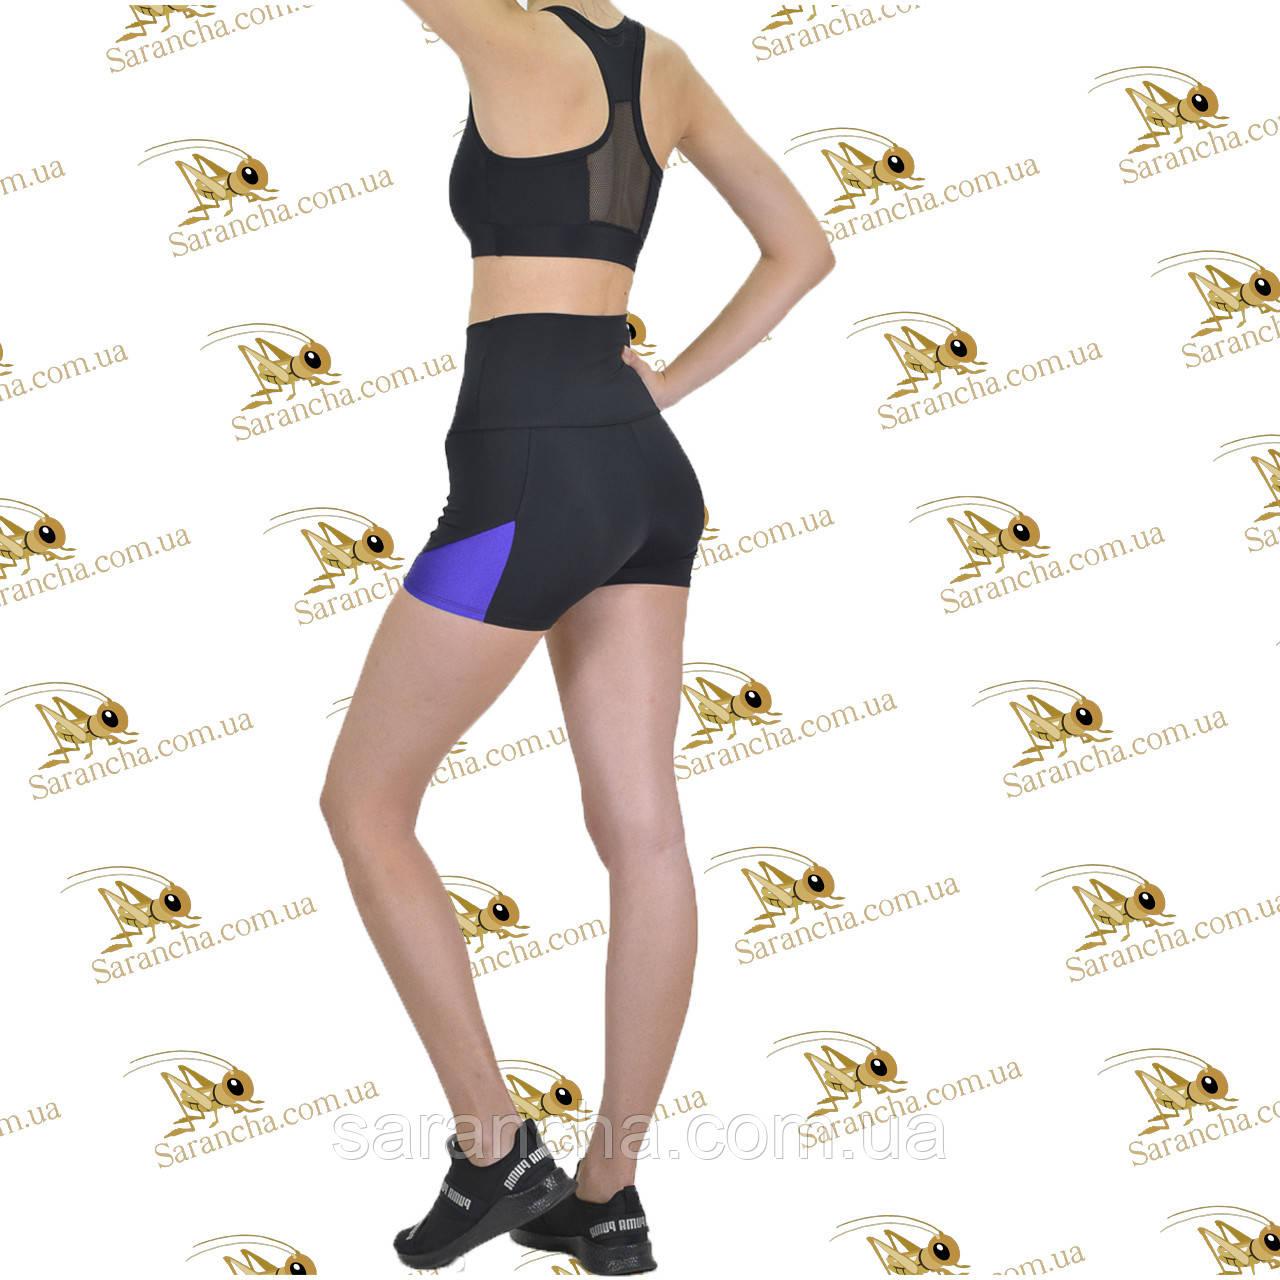 Жіночий спортивний комплект шорти з фіолетовими вставками і топ чорного кольору